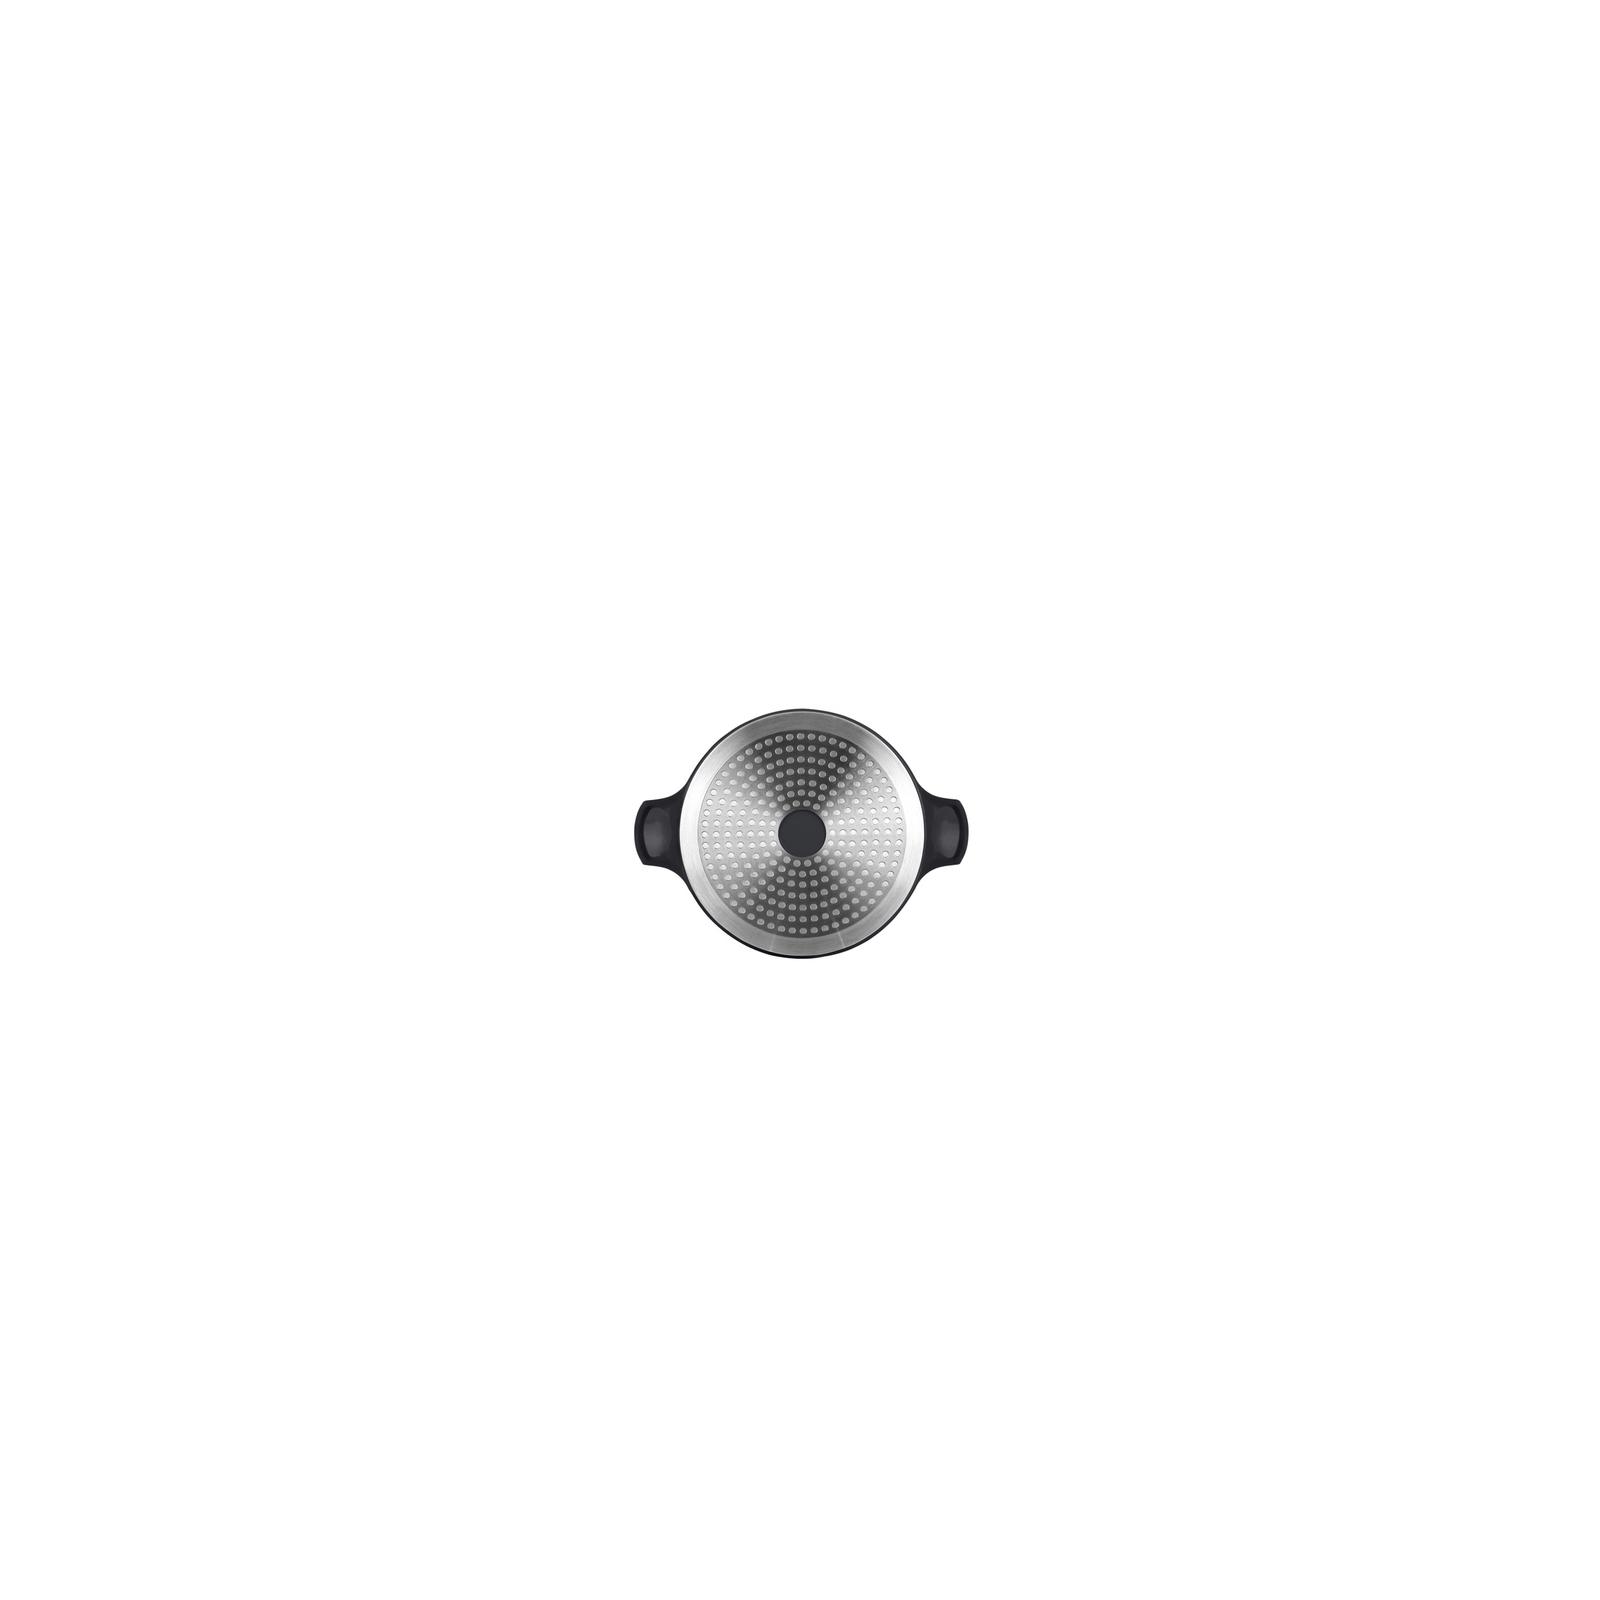 Кастрюля Ringel Zitrone black с крышкой 5,8 л (RG-2108-24/2 BL) изображение 6